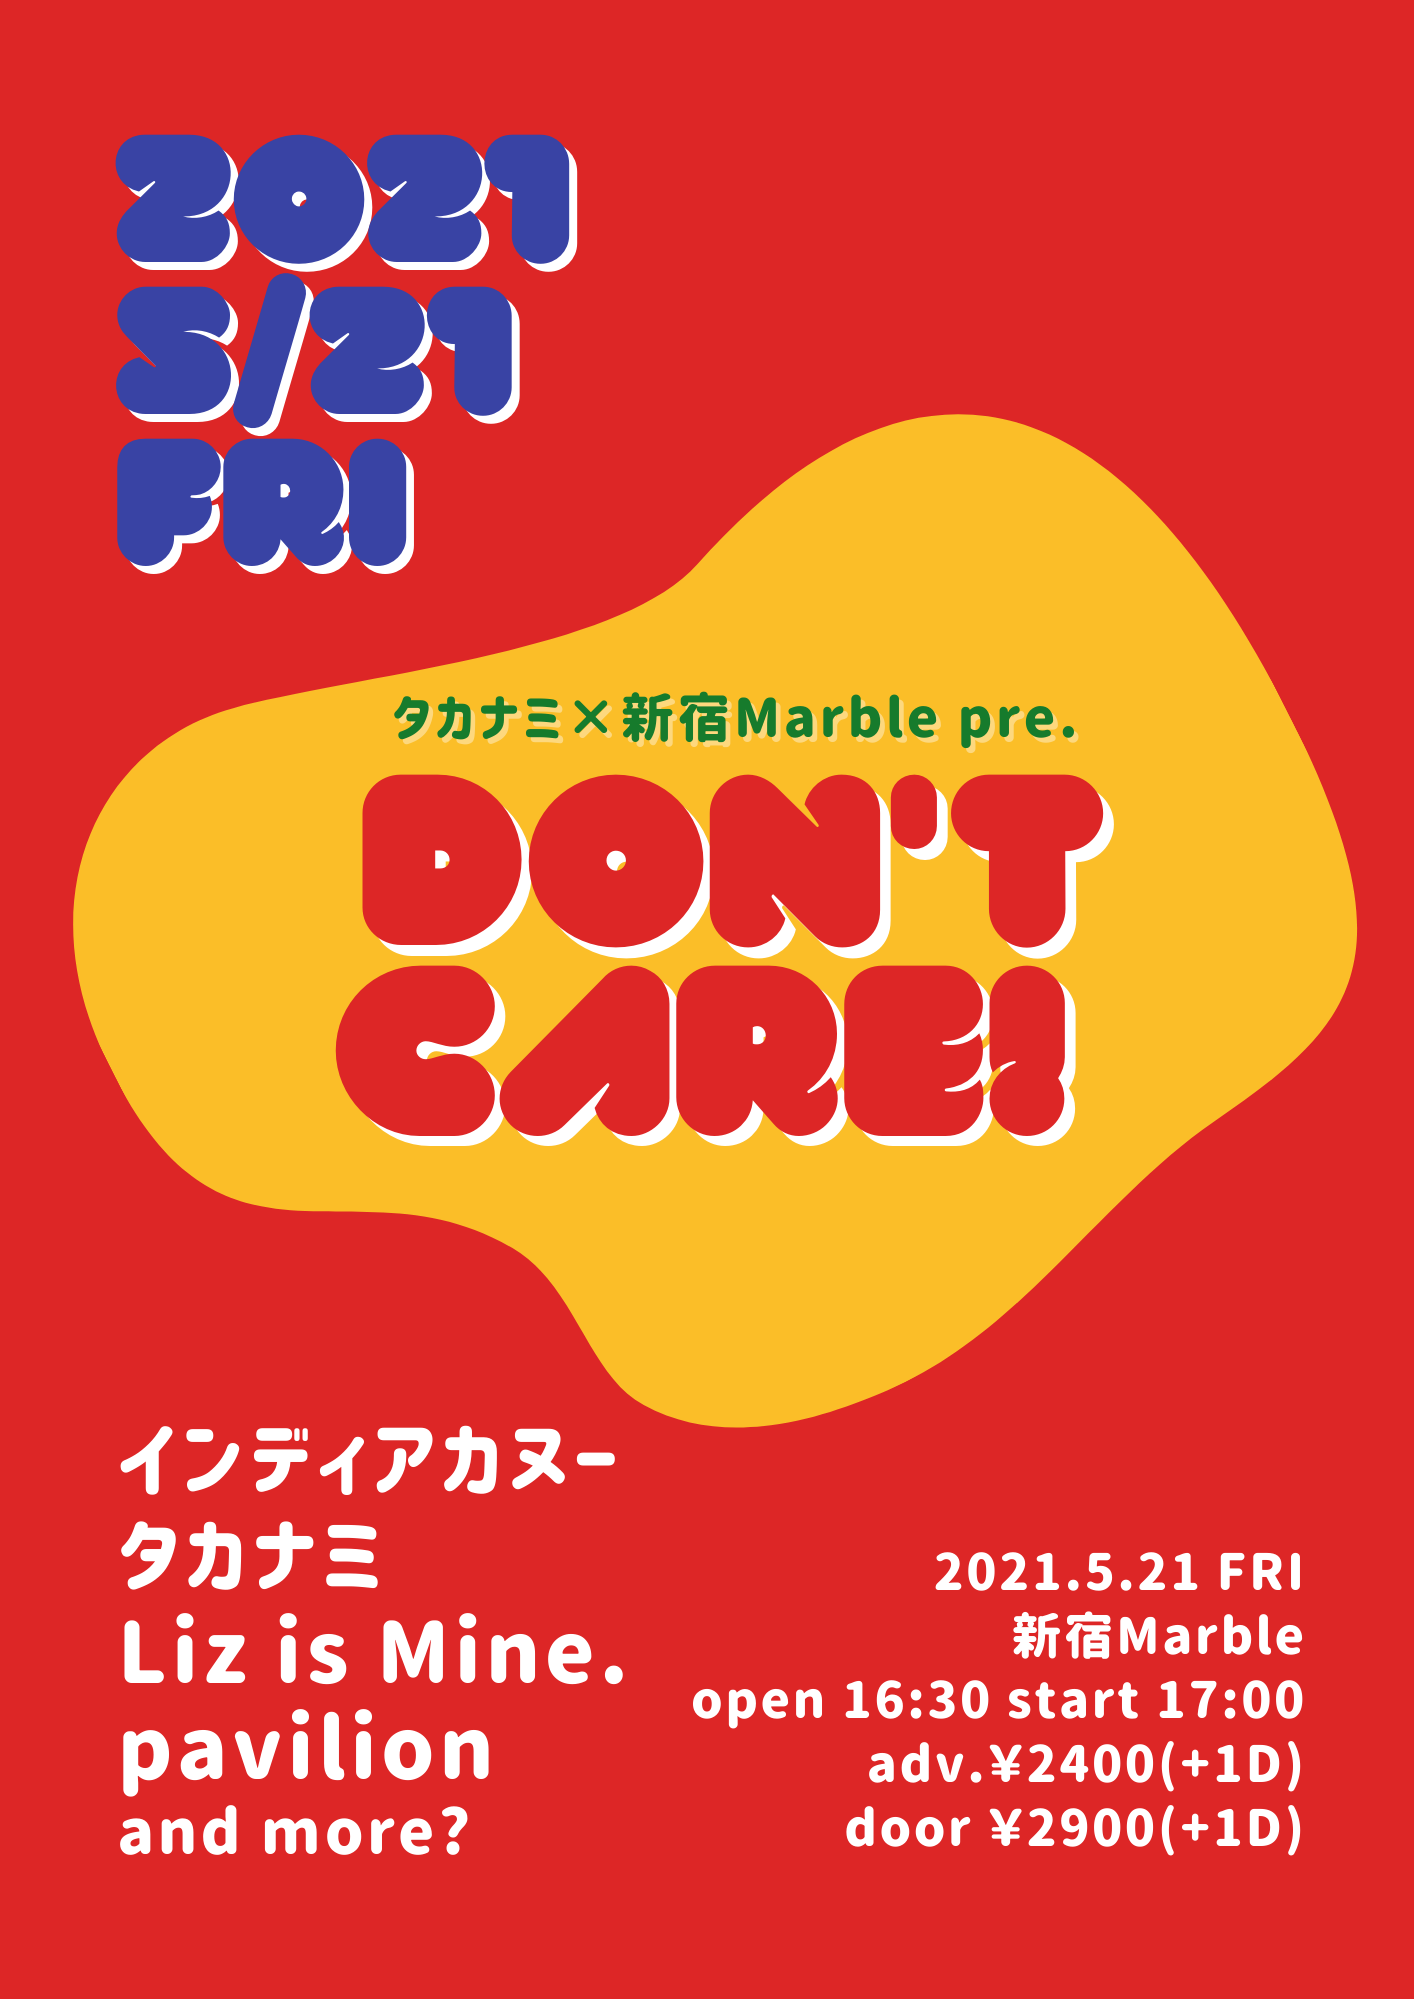 タカナミ×新宿Marble pre.「DON'T CARE!」